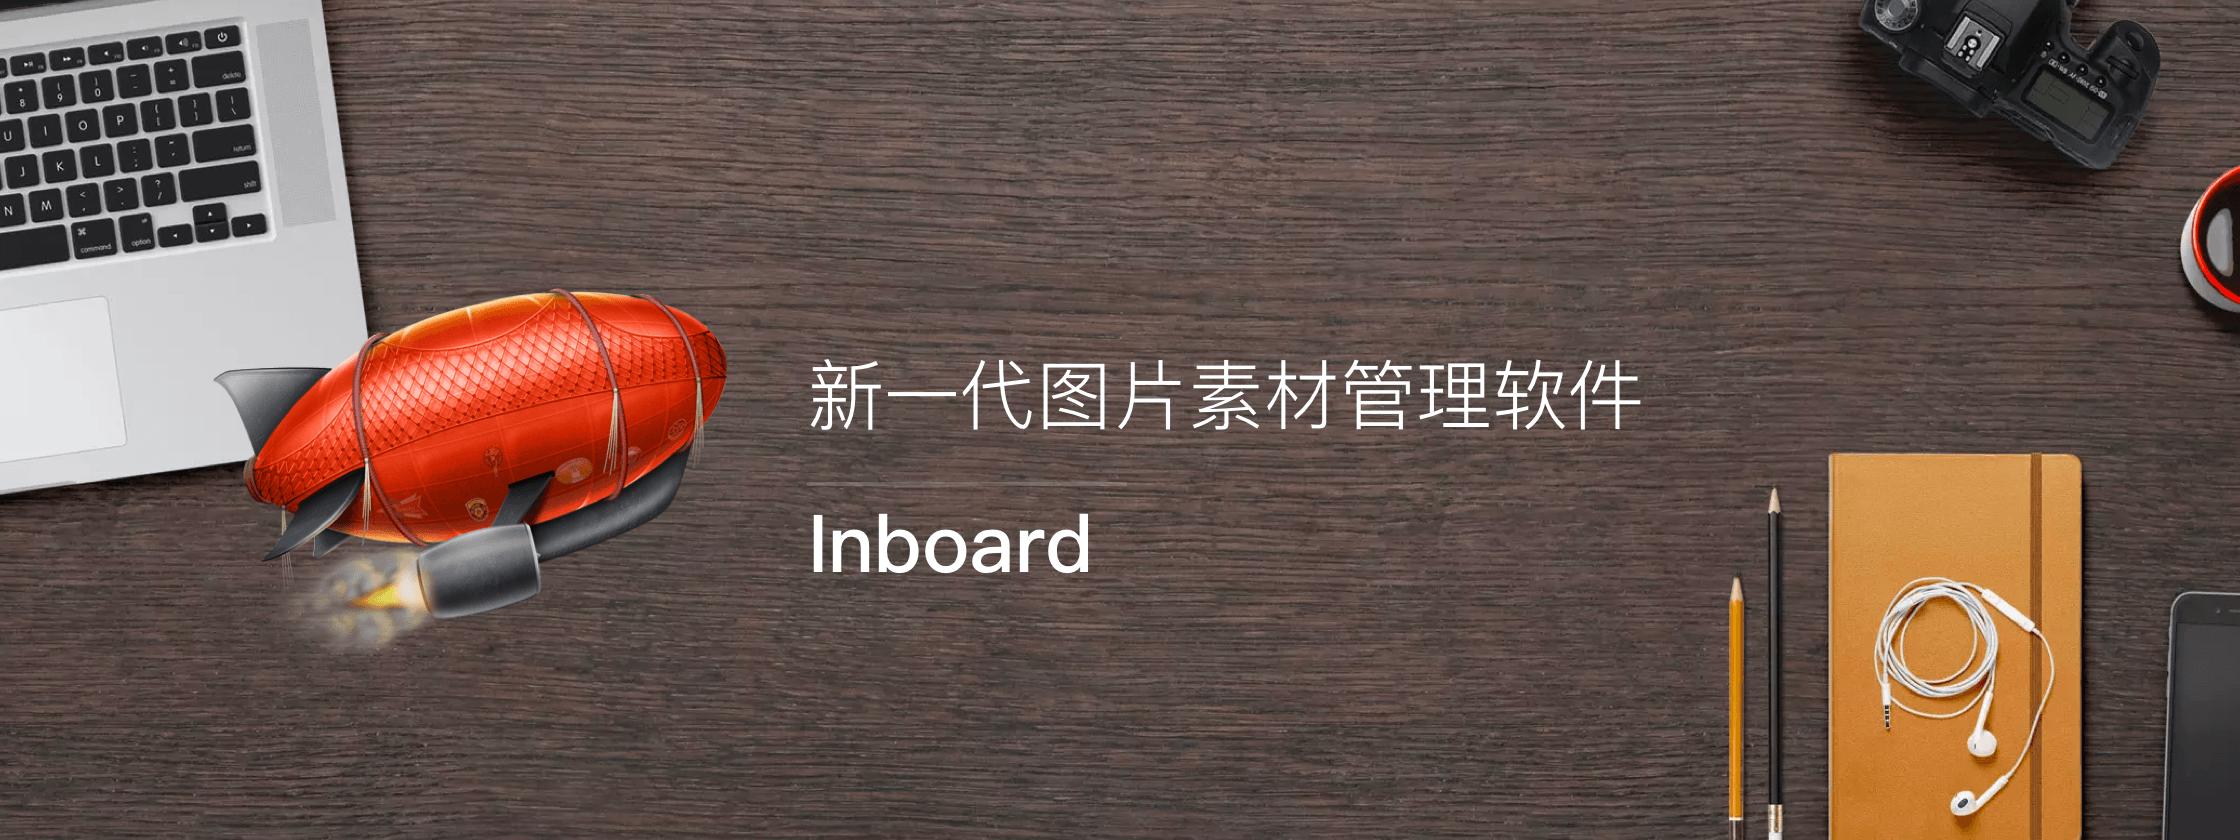 Inboard – 新一代图片素材管理软件